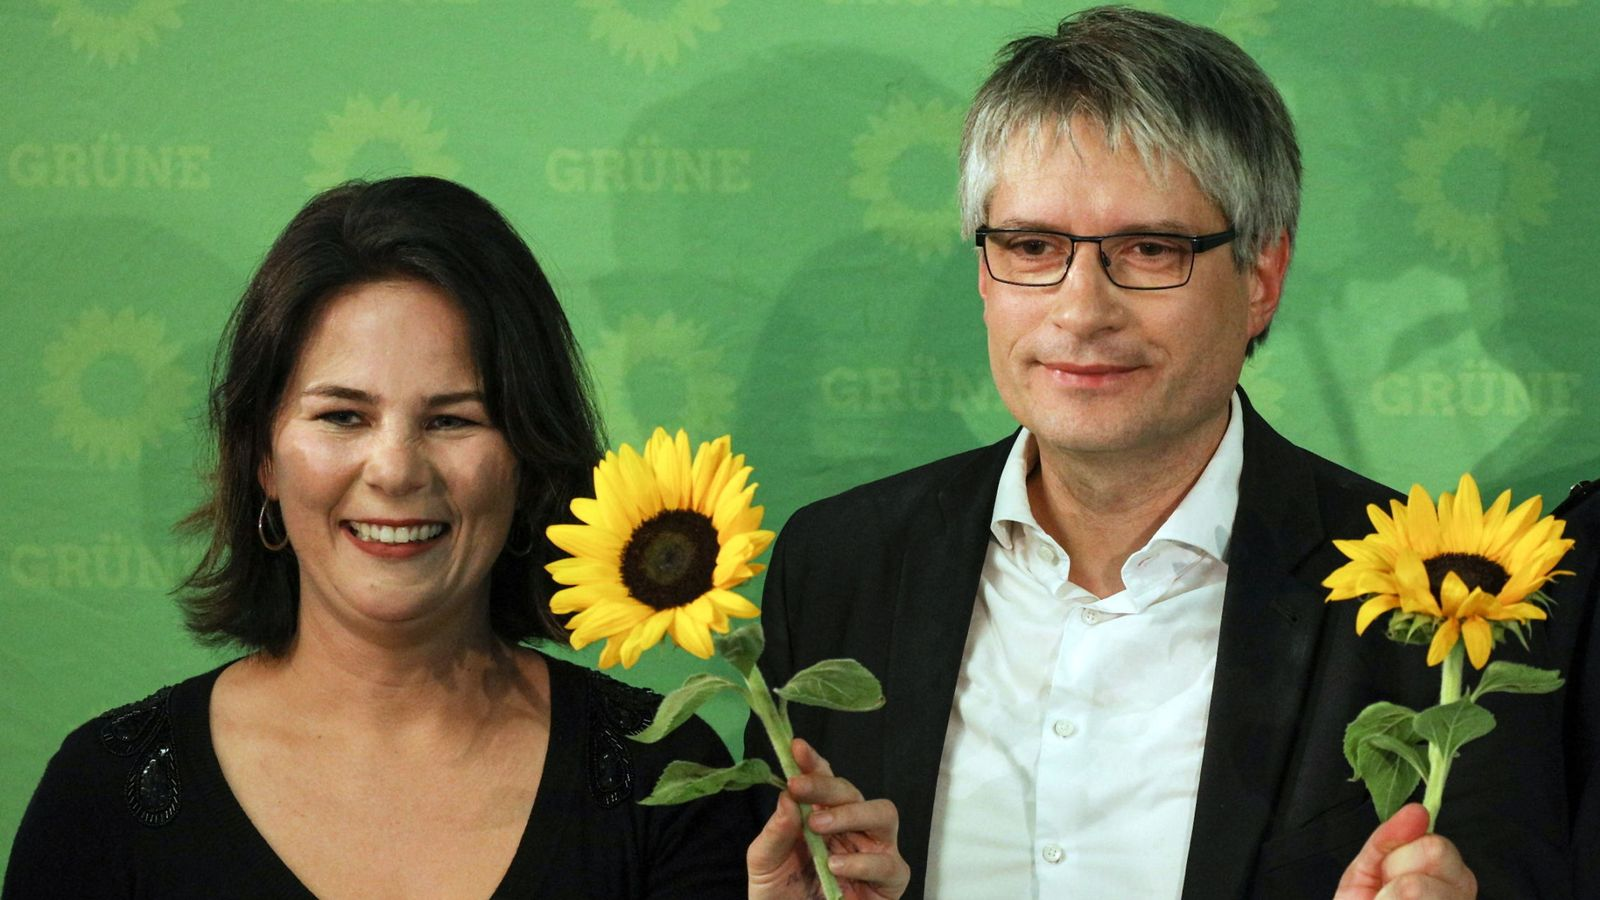 Foto: Annalena Baerbock, líder de Los Verdes en Alemania, y el cabeza de lista para el Parlamento Europeo, Sven Giegold. (Reuters)